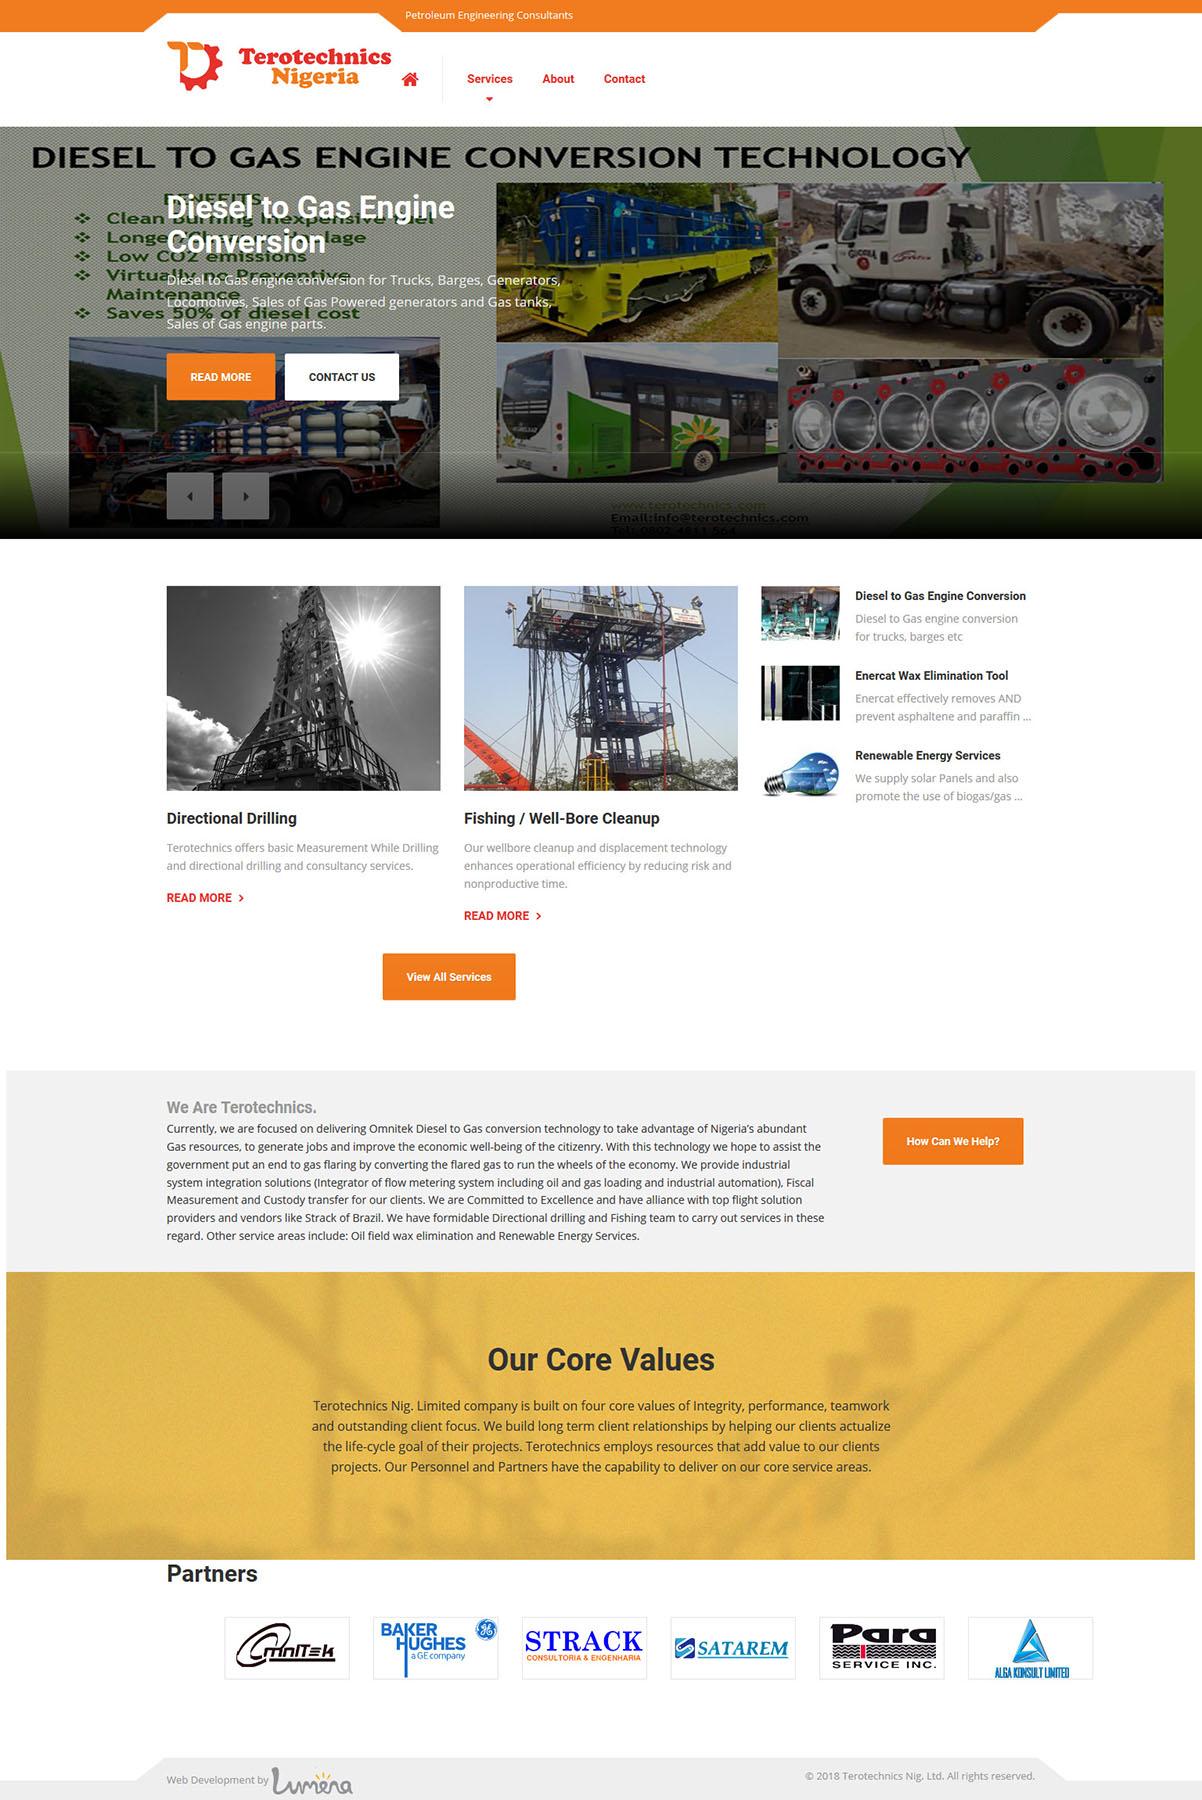 website design for Terotechnics